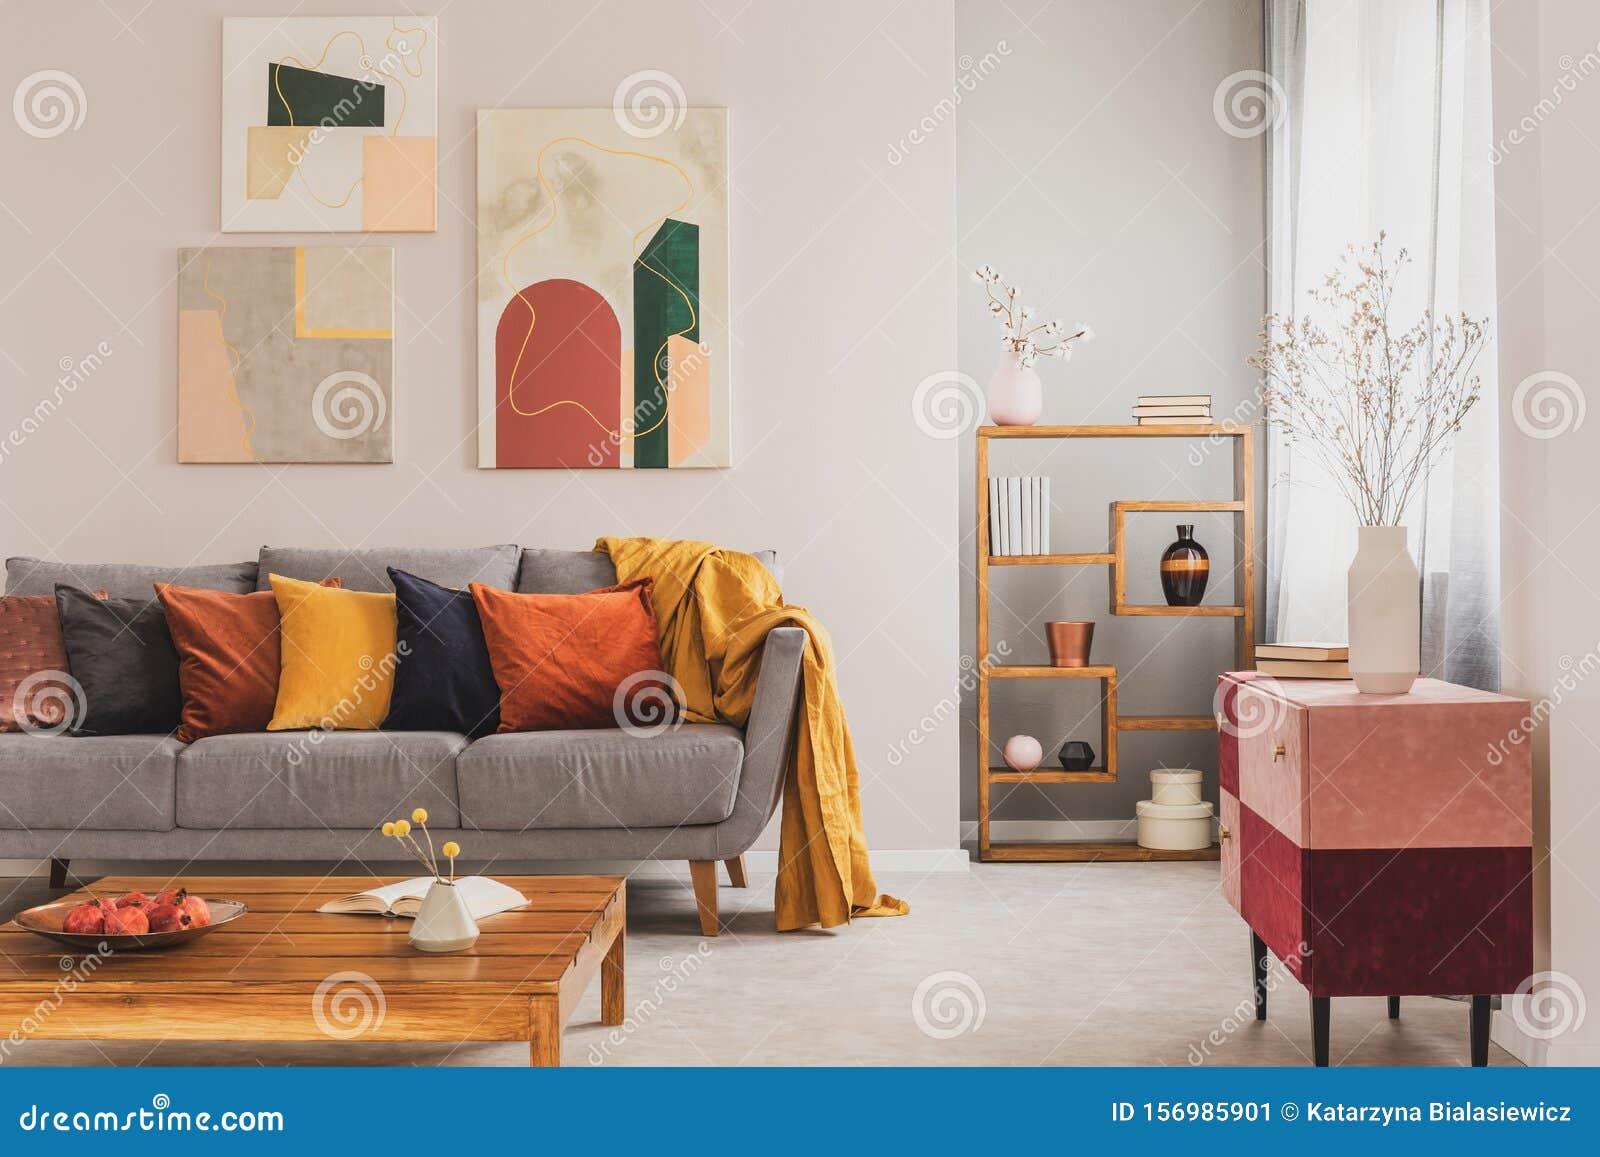 Cuscini Su Divano Marrone piloni gialli, arancioni, neri e marroni su un comodo divano